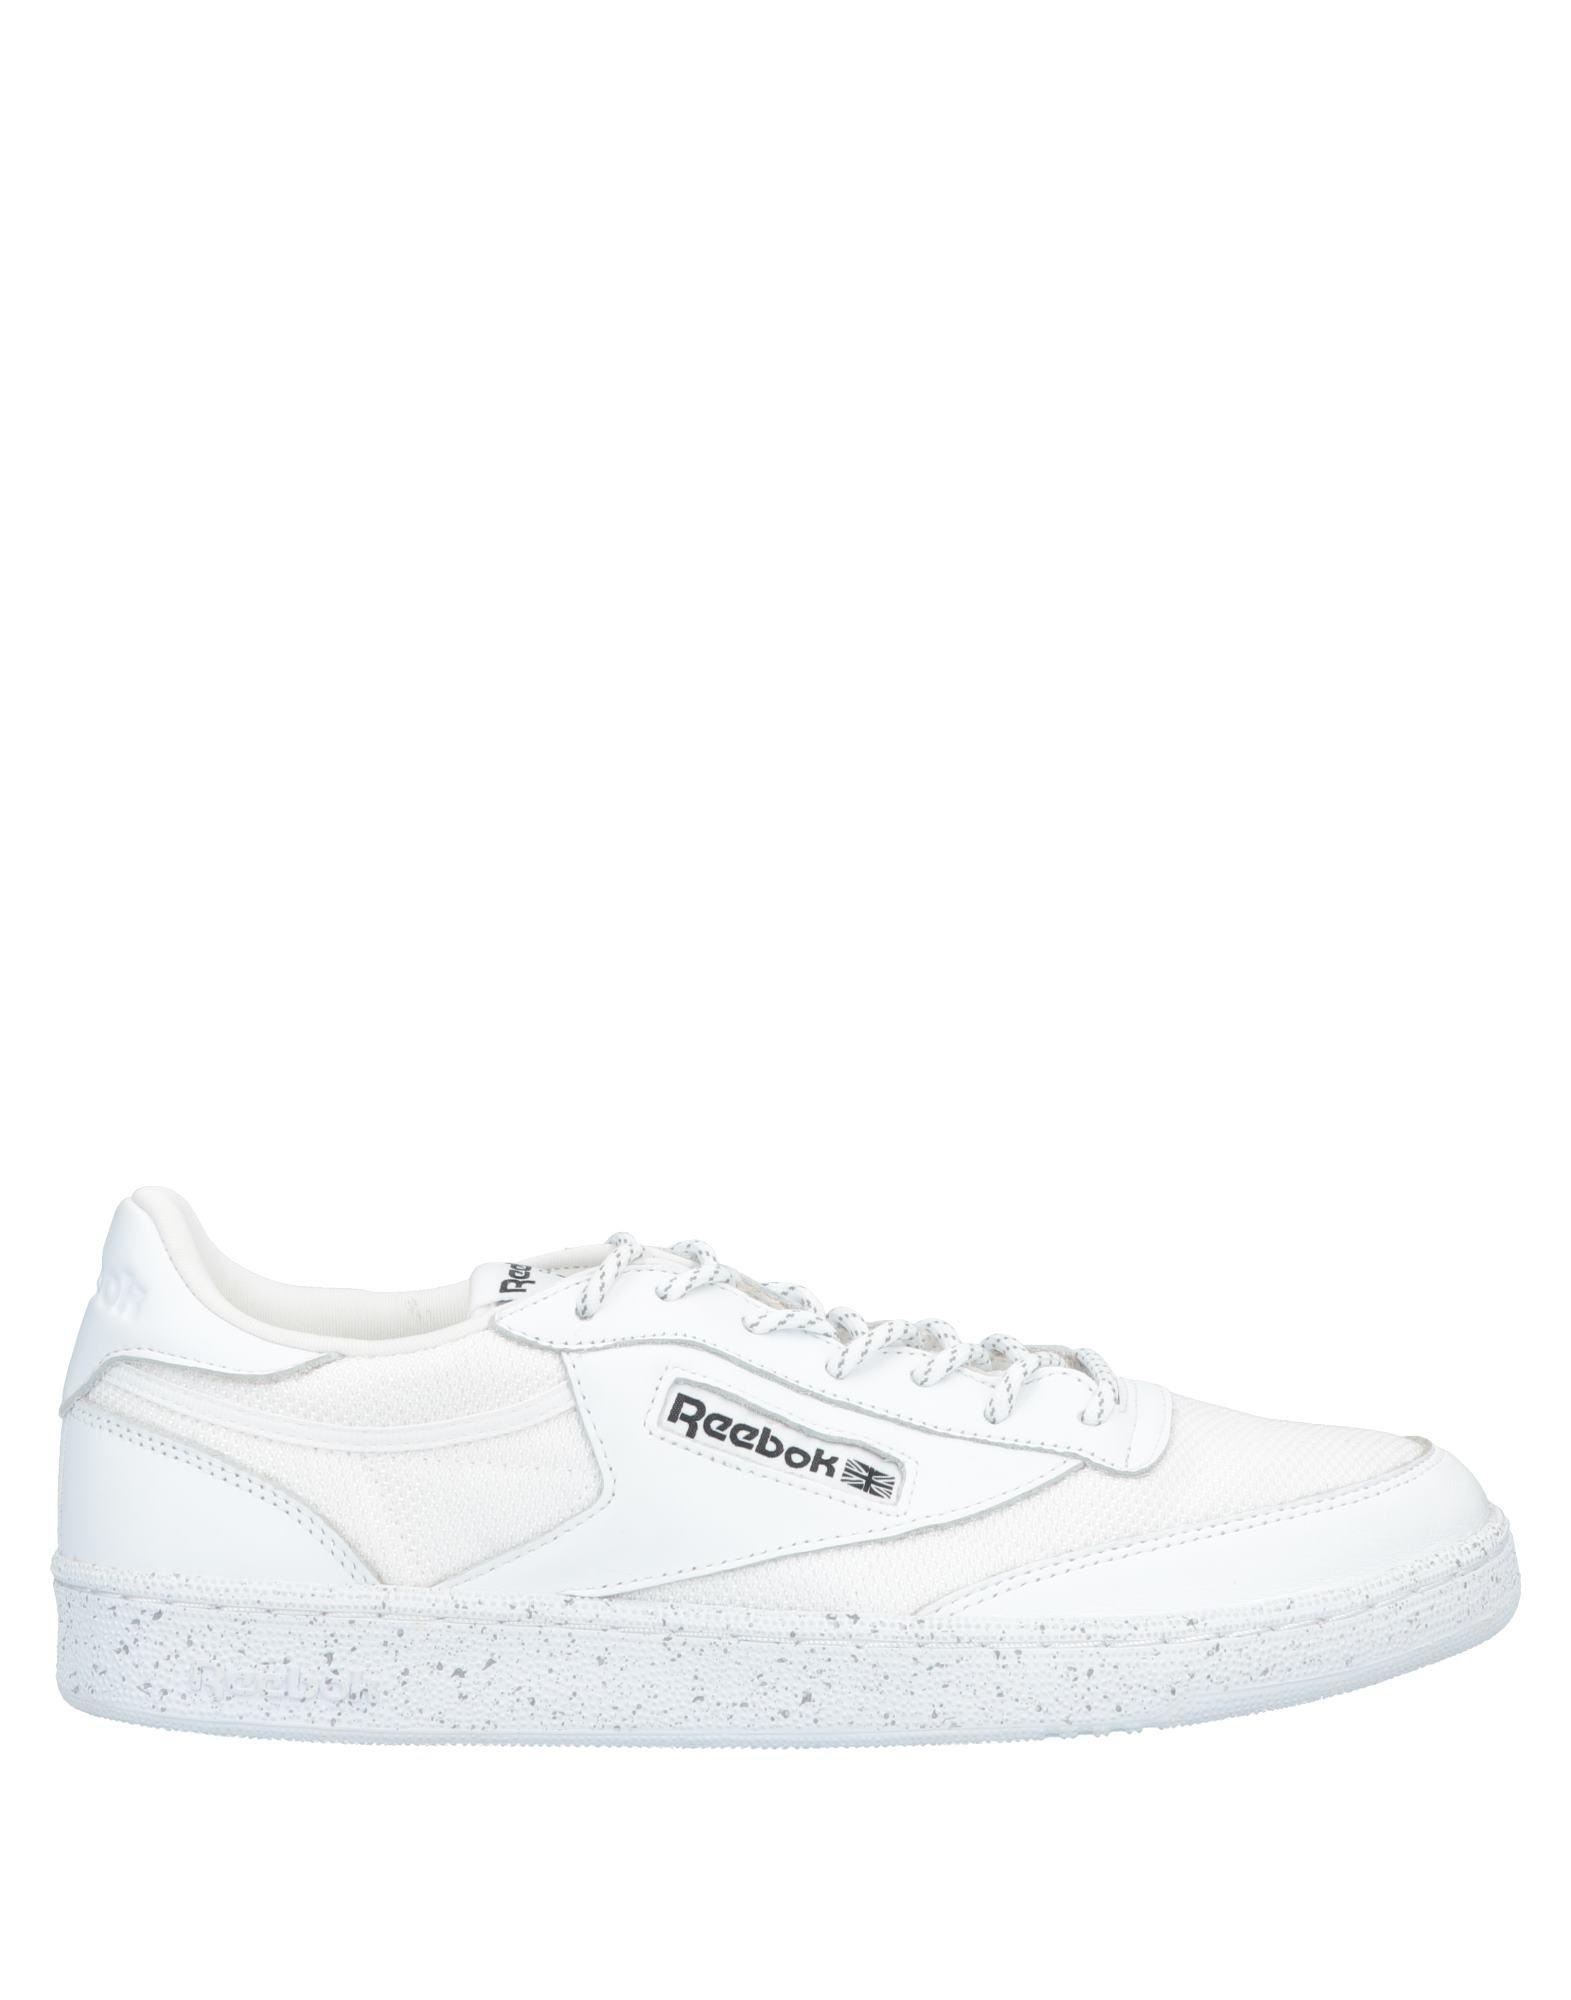 《送料無料》REEBOK メンズ スニーカー&テニスシューズ(ローカット) ホワイト 11.5 革 / 紡績繊維